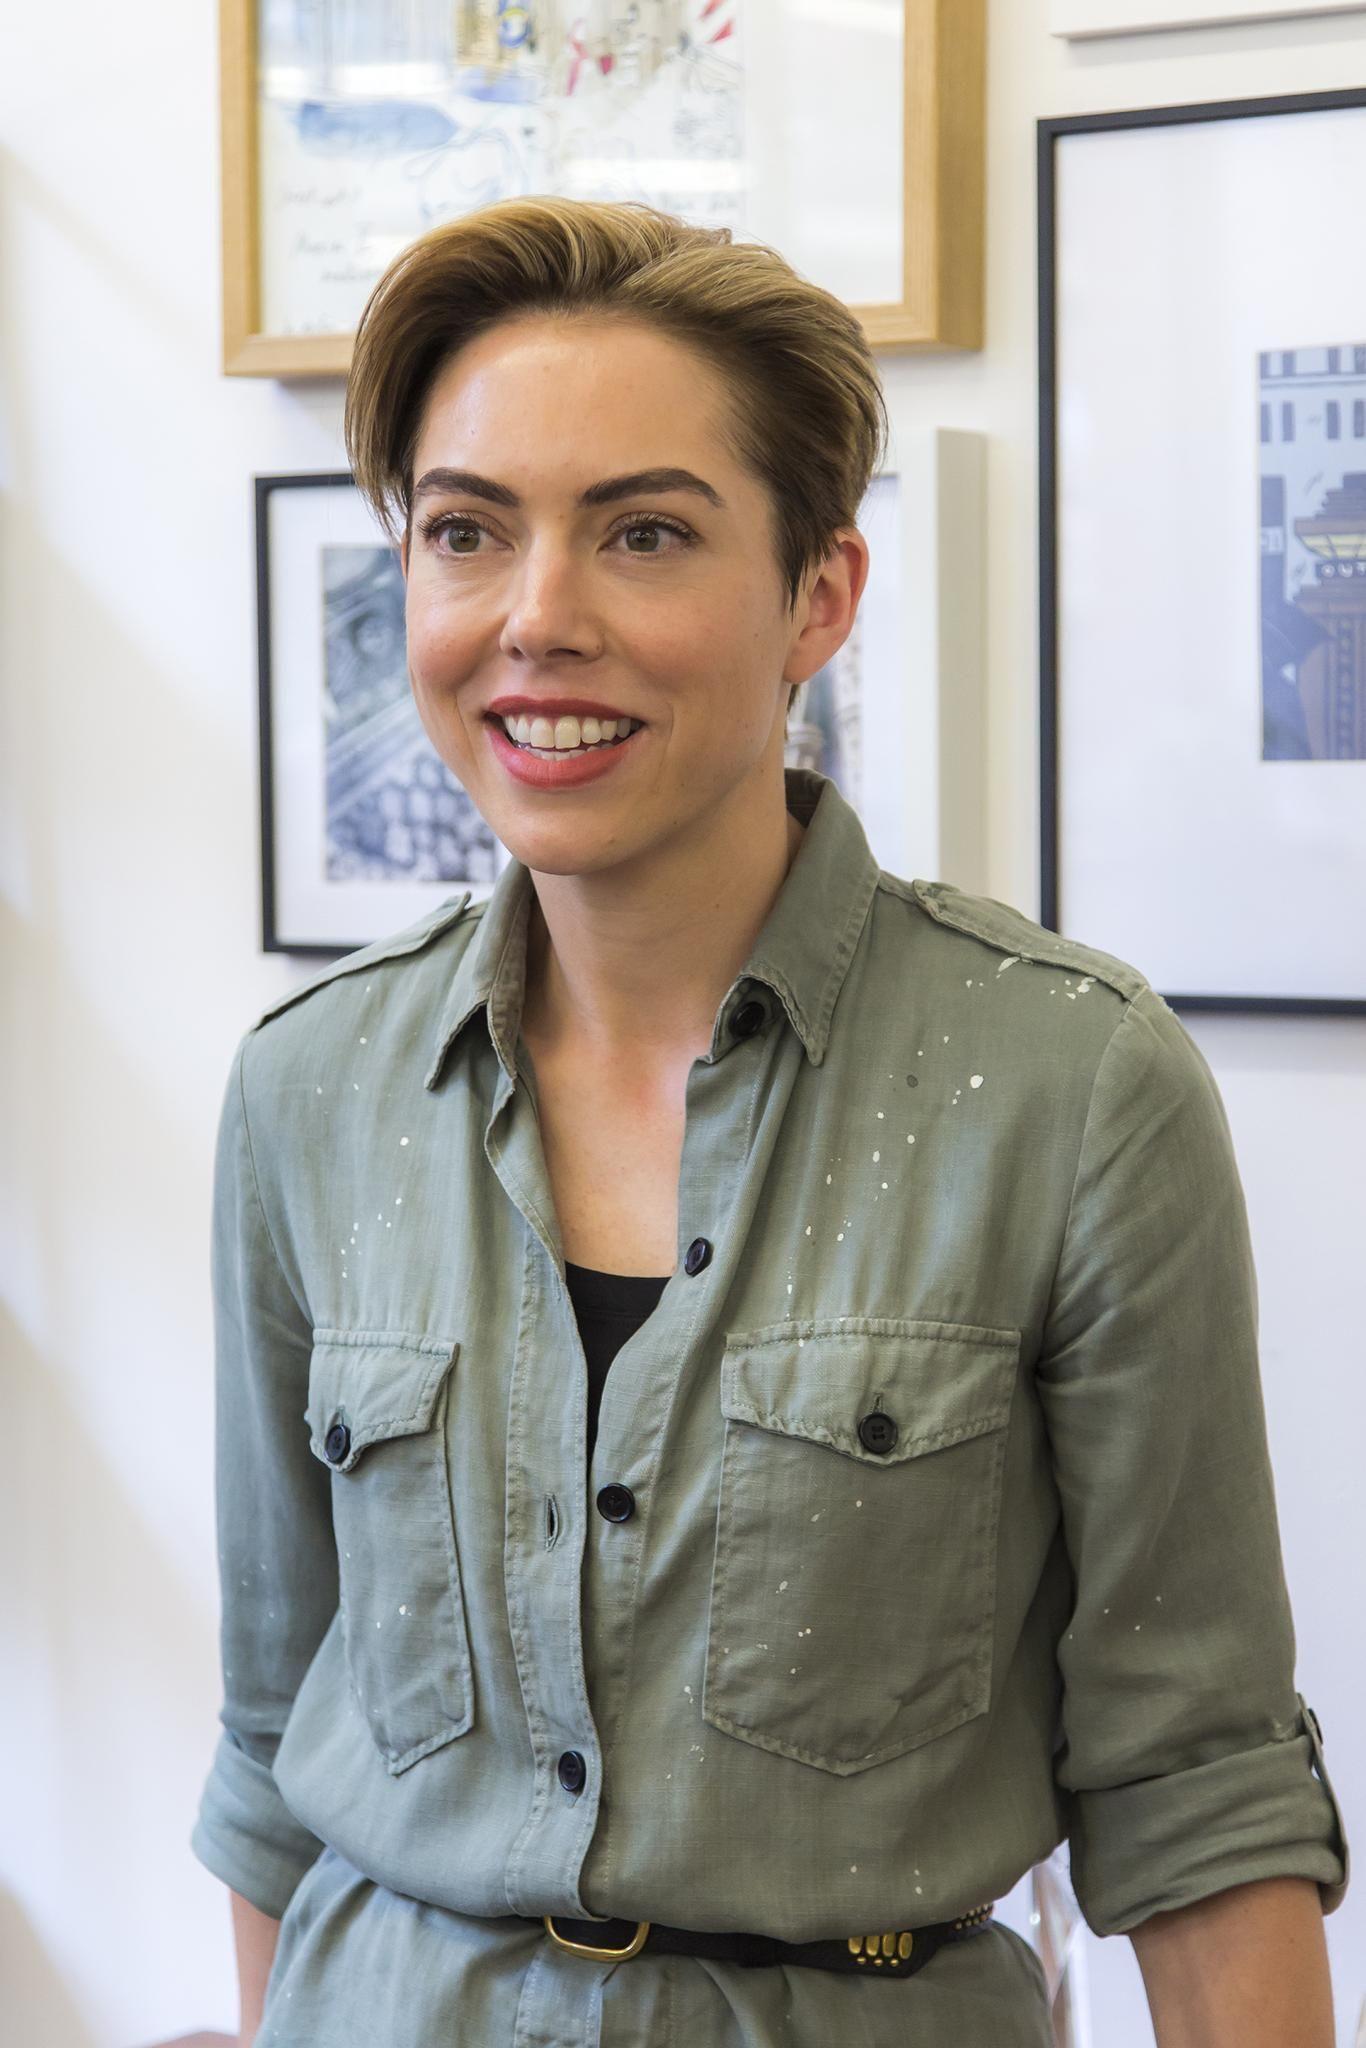 Miranda Cresswell